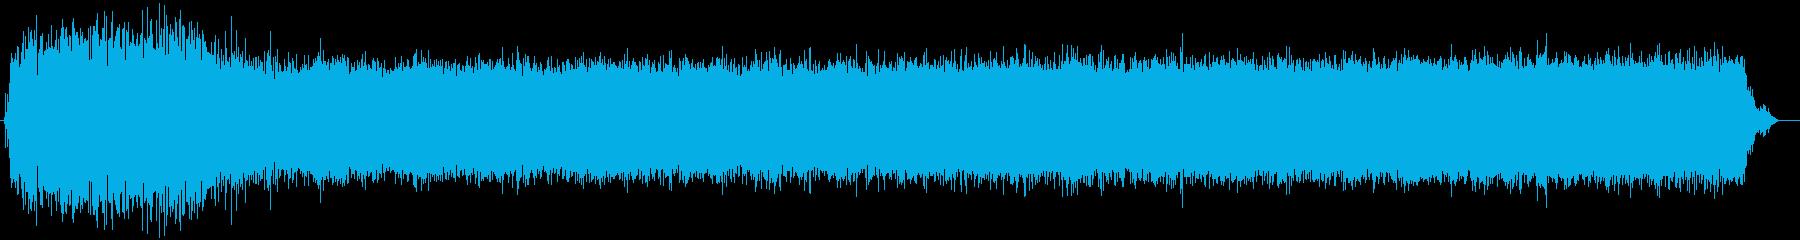 ハードとソフトの成分混合物:起動、...の再生済みの波形